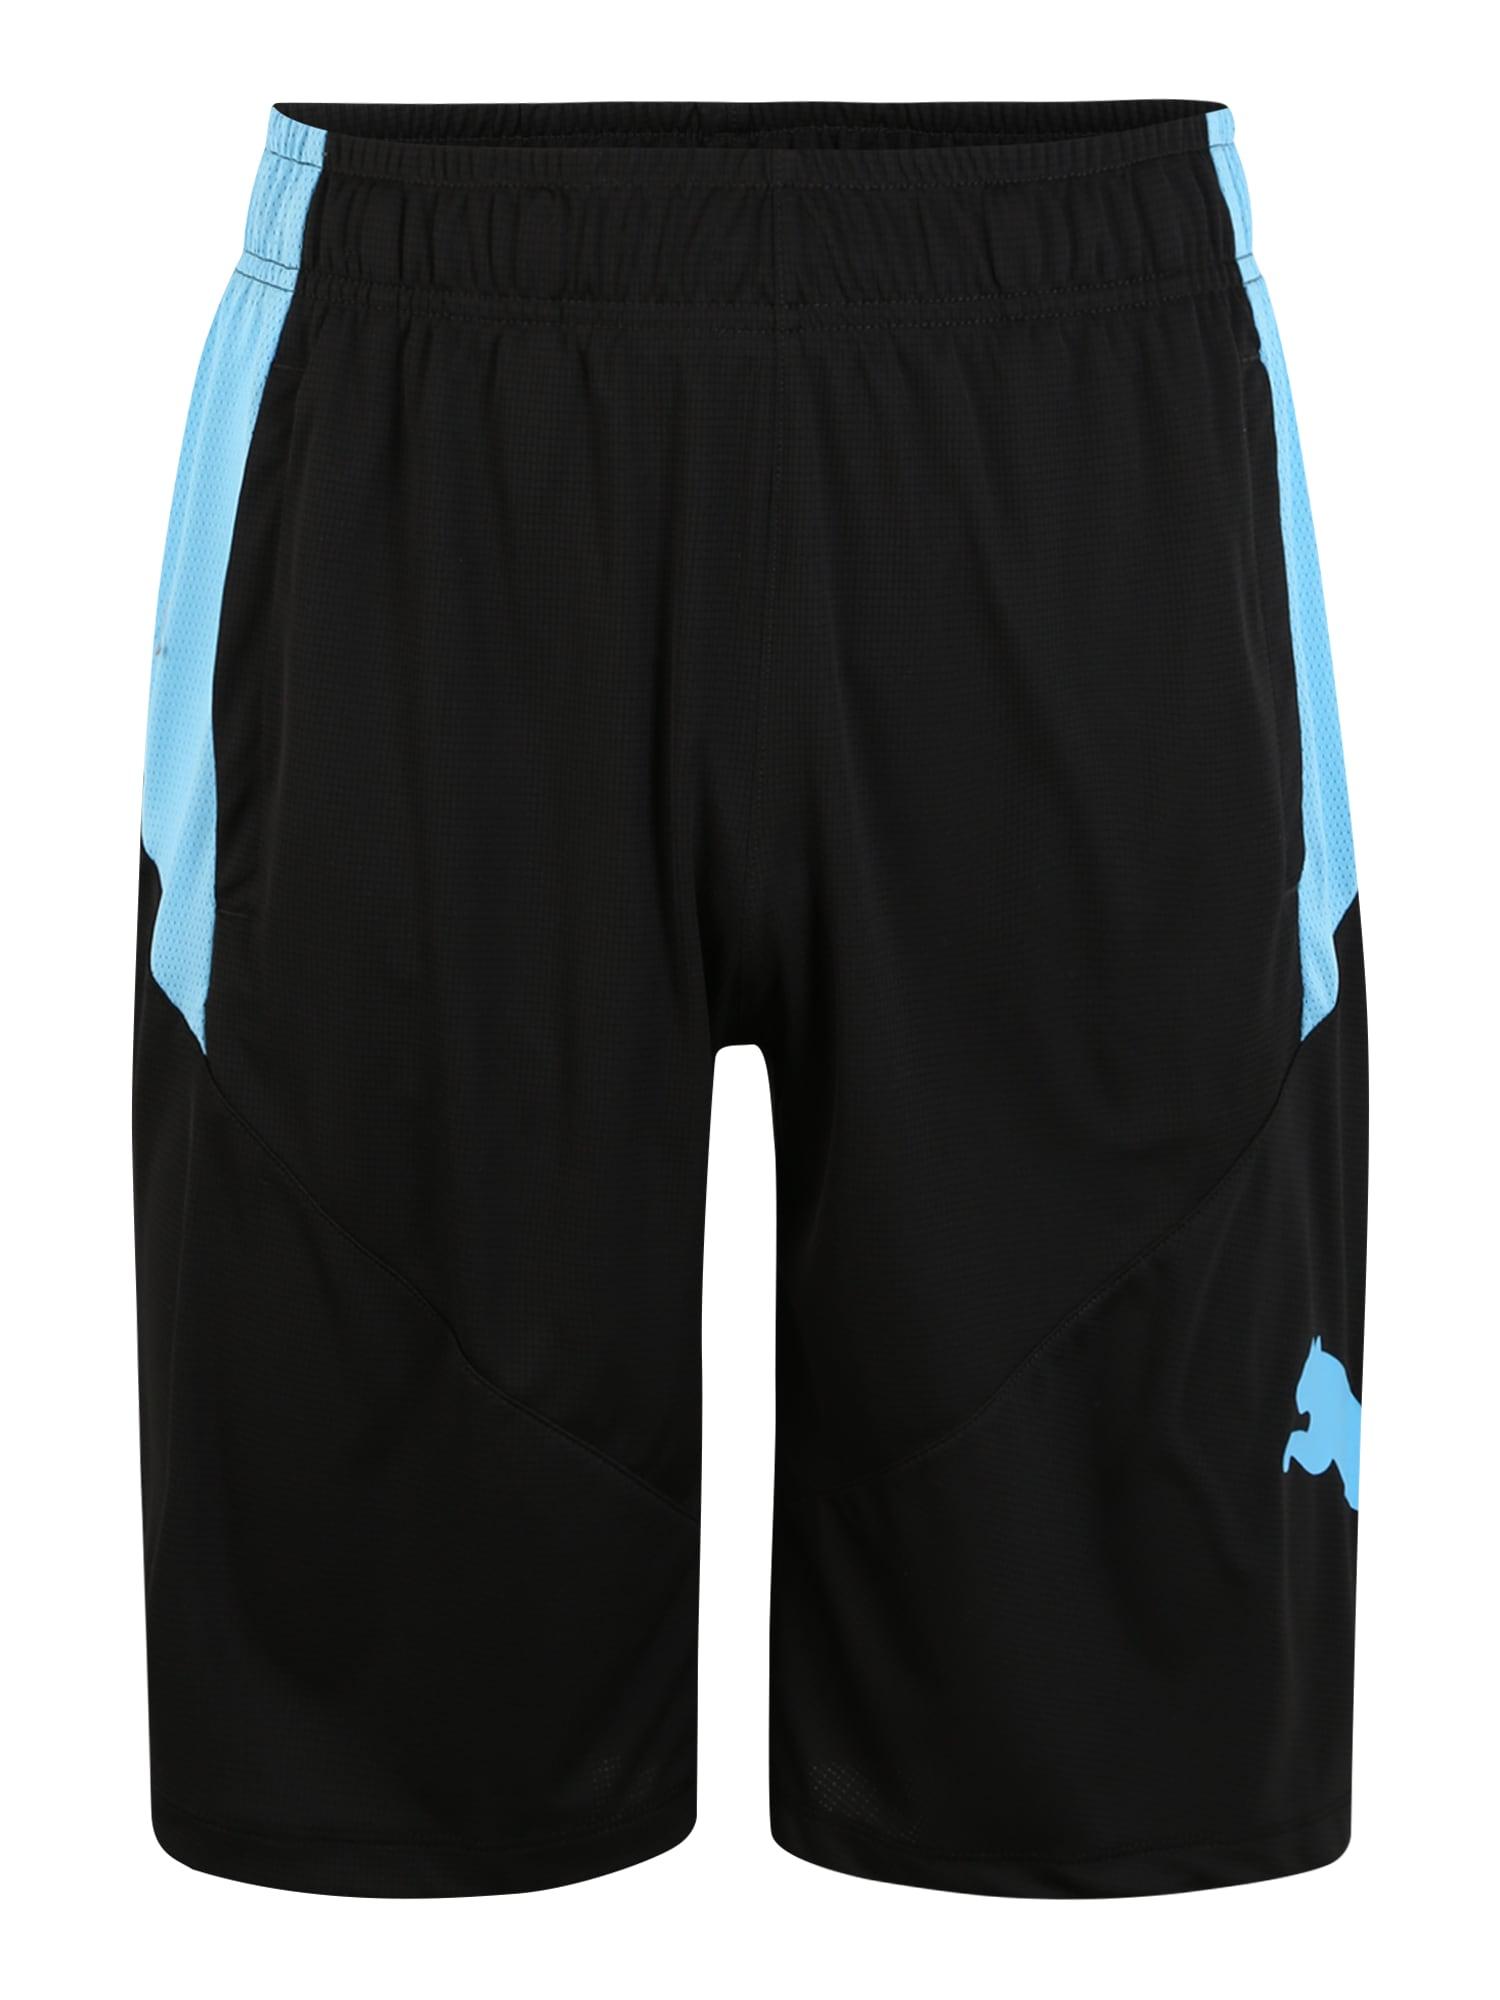 PUMA Sportinės kelnės 'Cat' mėlyna / juoda